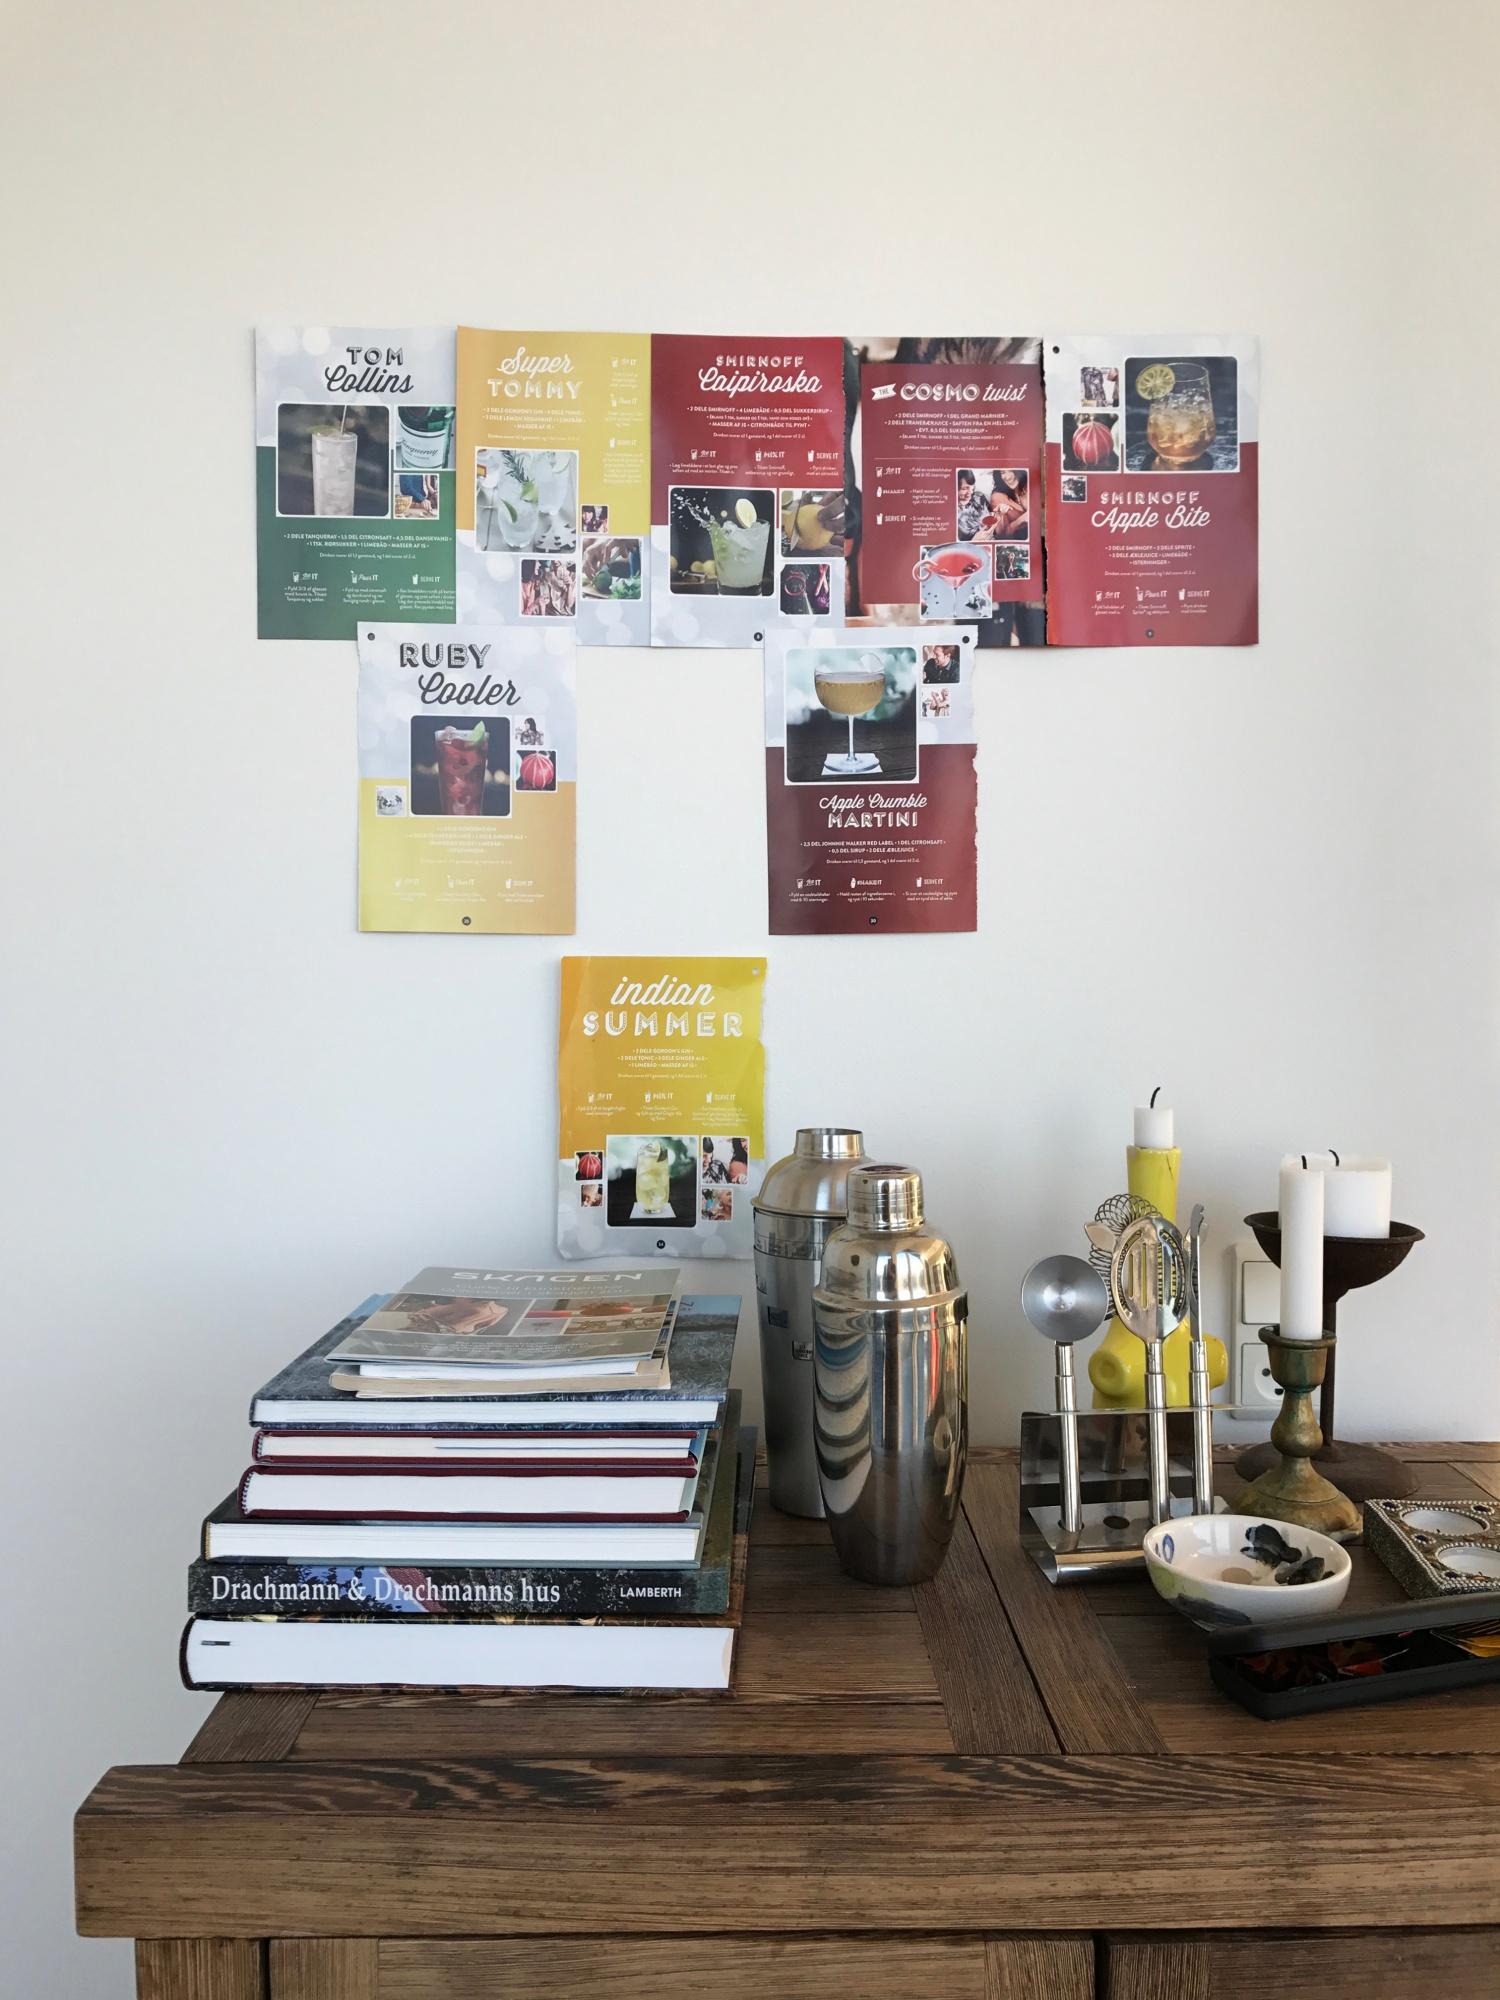 skagen familienurlaub in d nemark und das sch nste. Black Bedroom Furniture Sets. Home Design Ideas